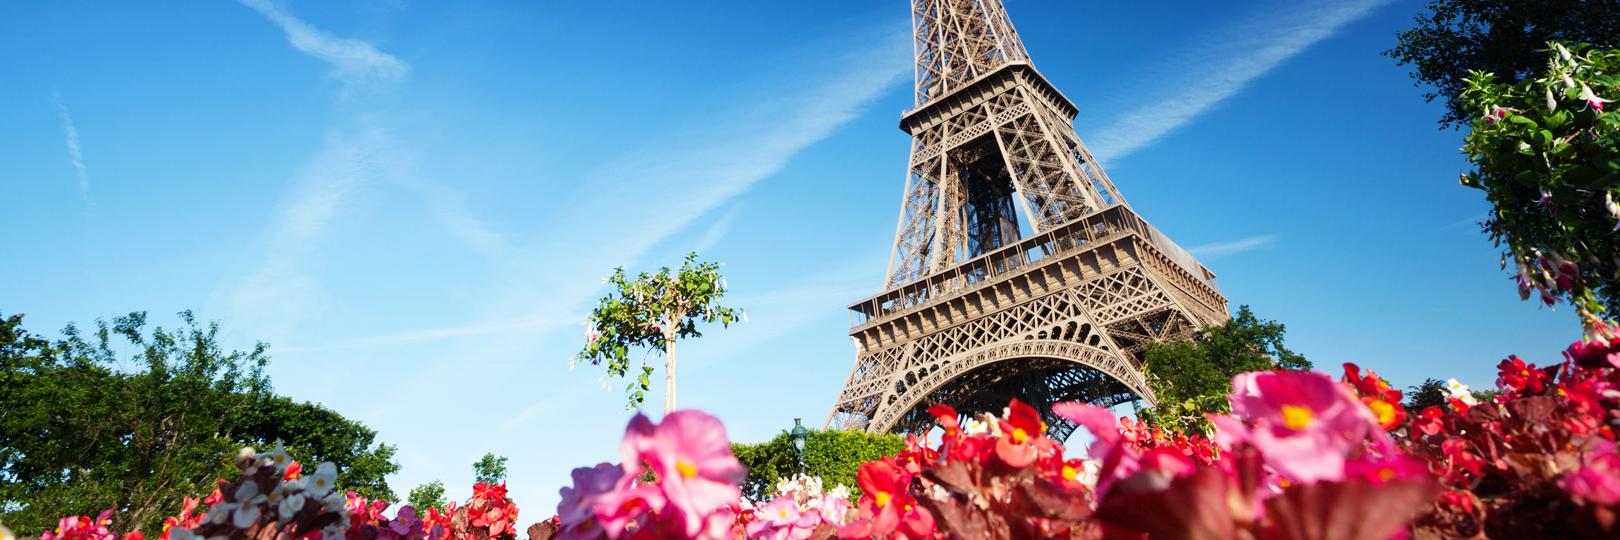 Ζήστε 3 ημέρες στο Παρίσι!